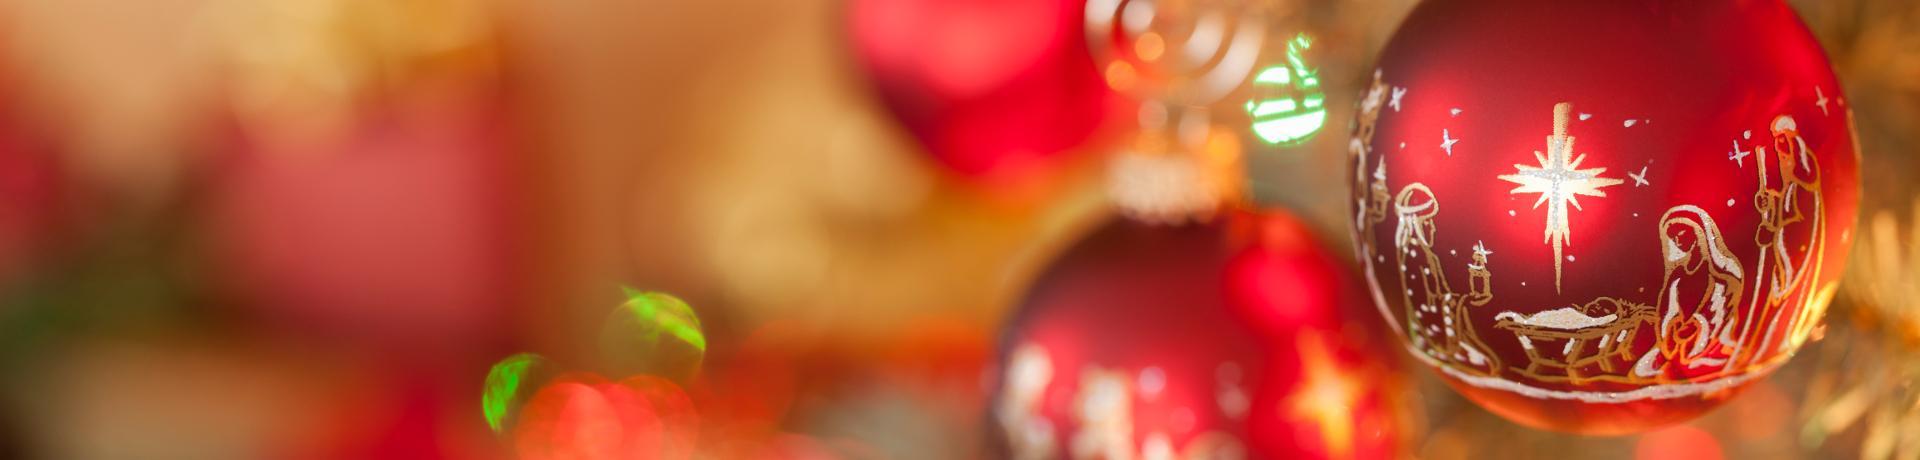 Weihnachten: Kugel - Krippe - Emotion